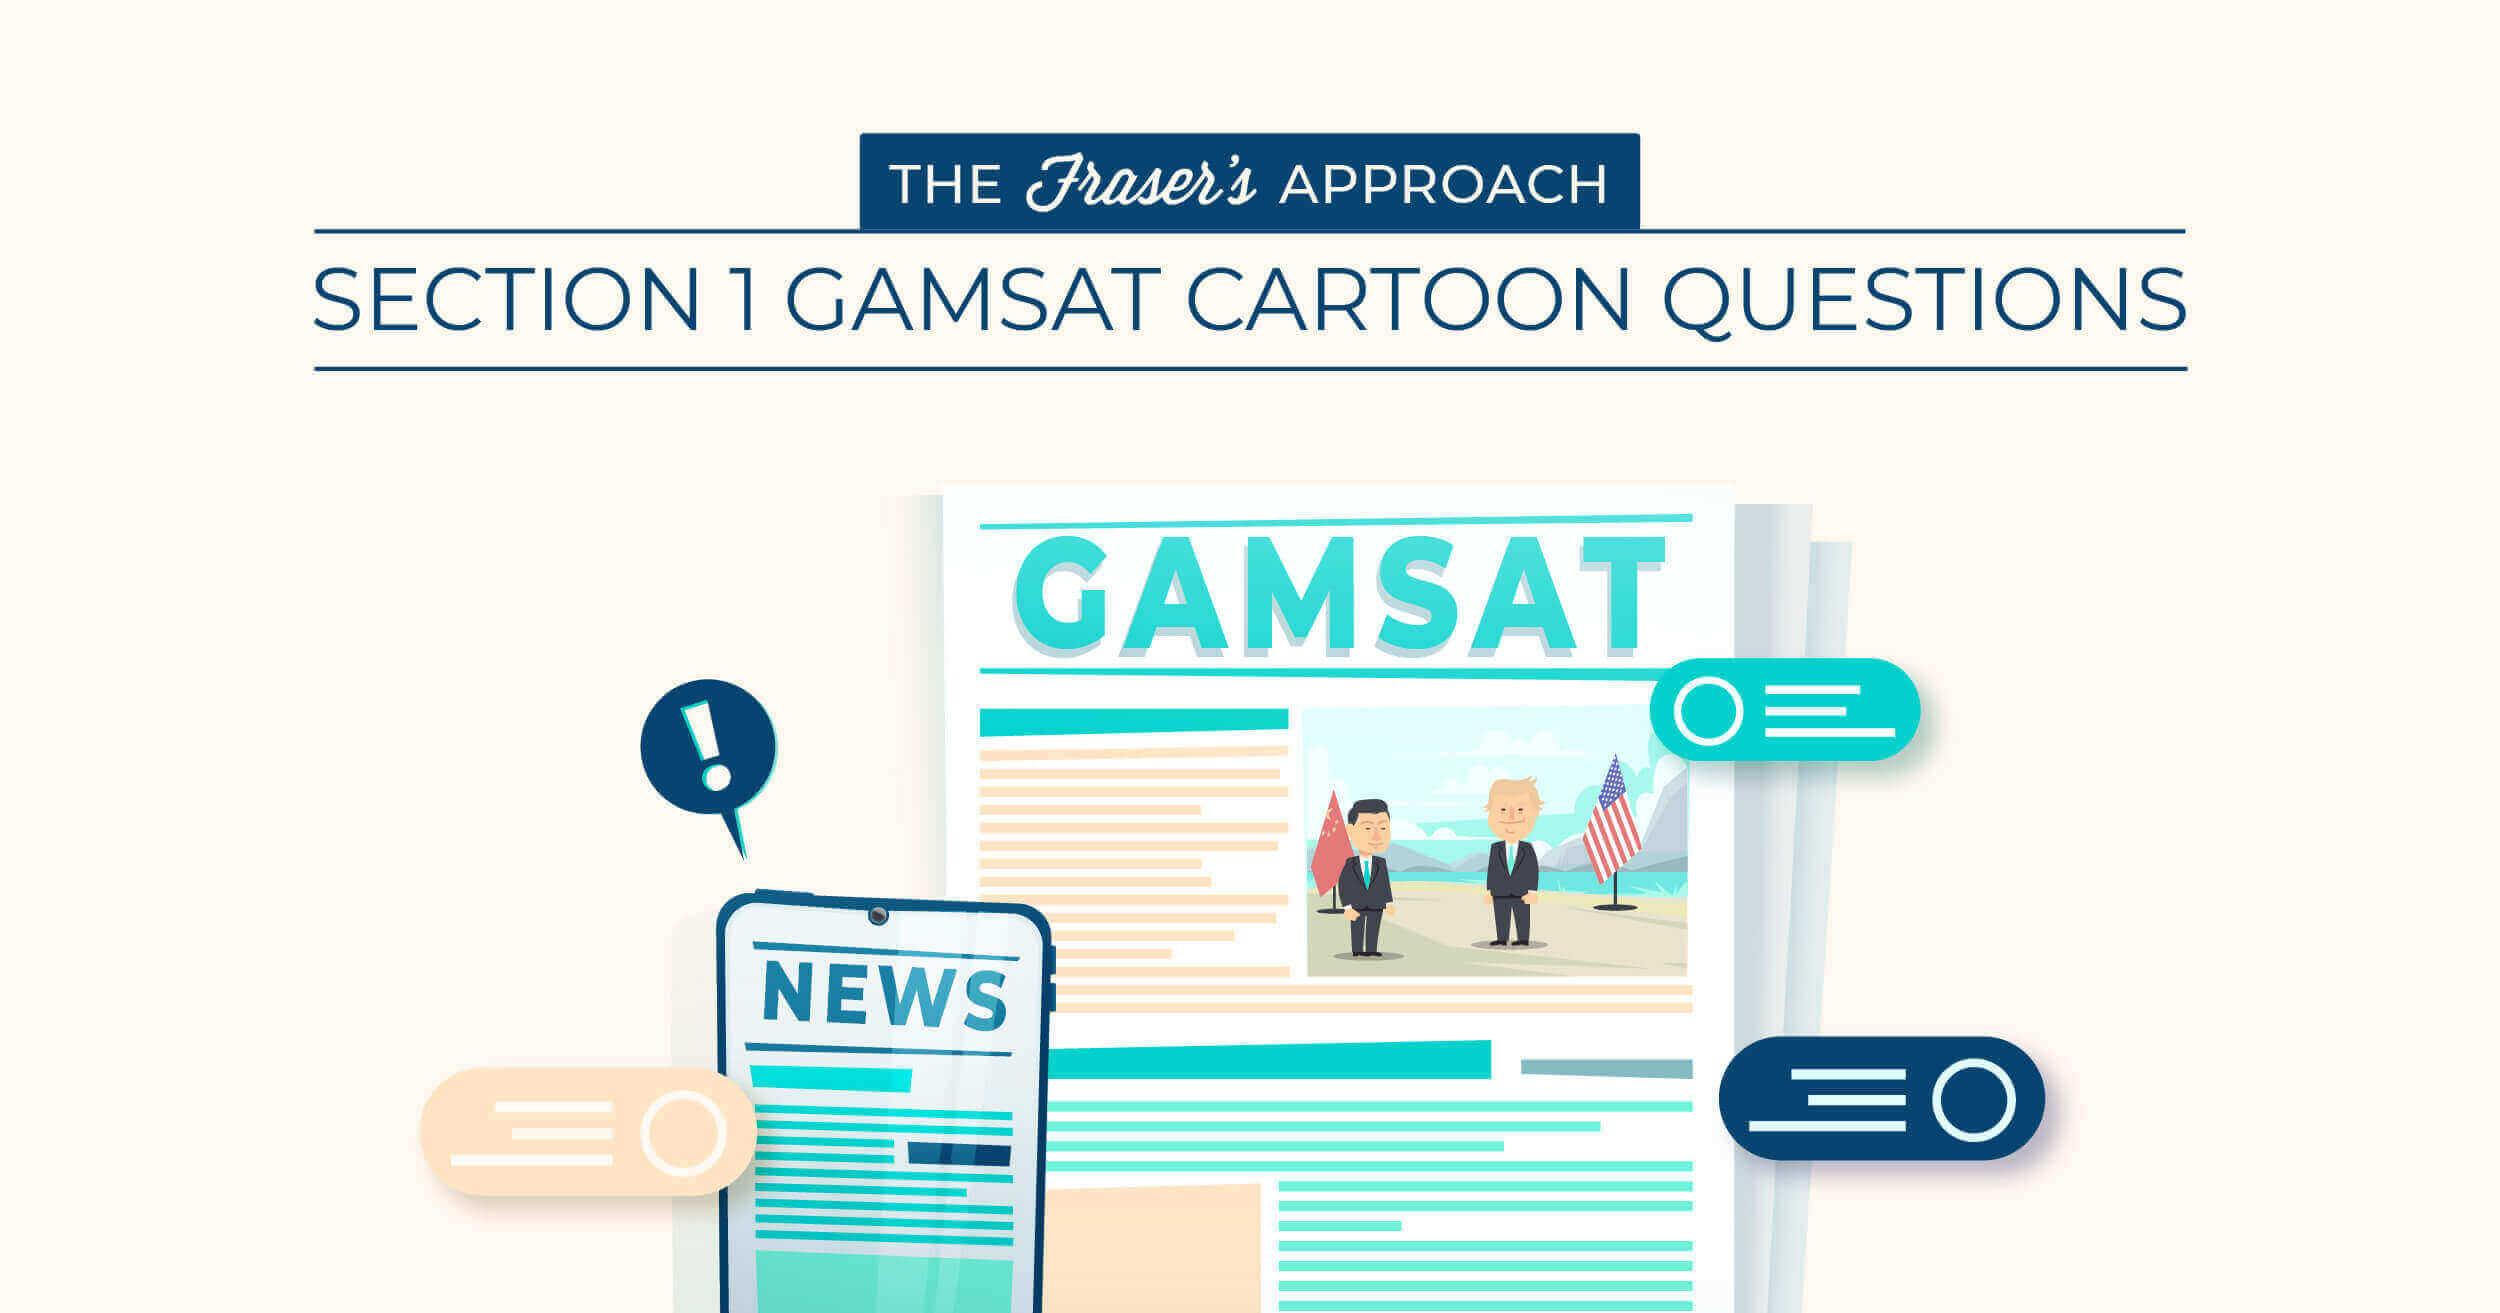 gamsat cartoon questions